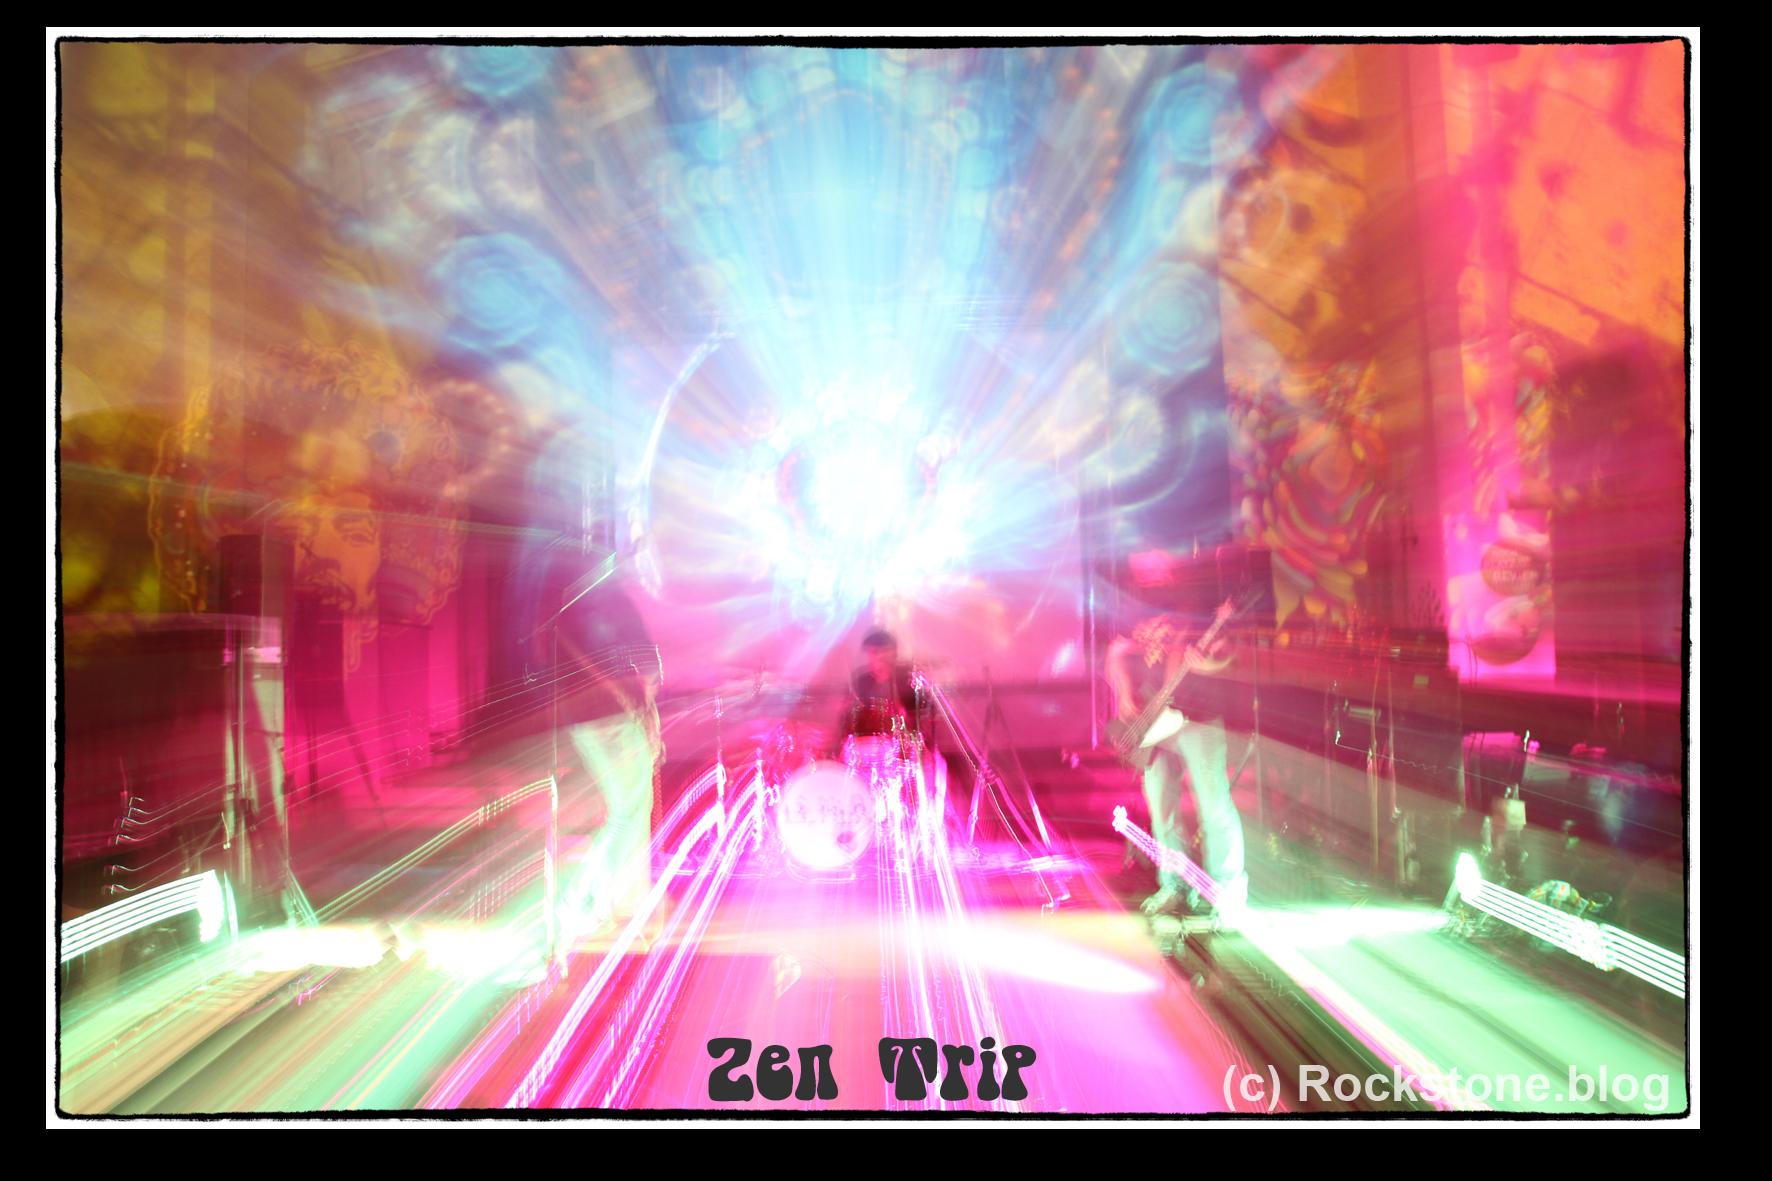 zen trip